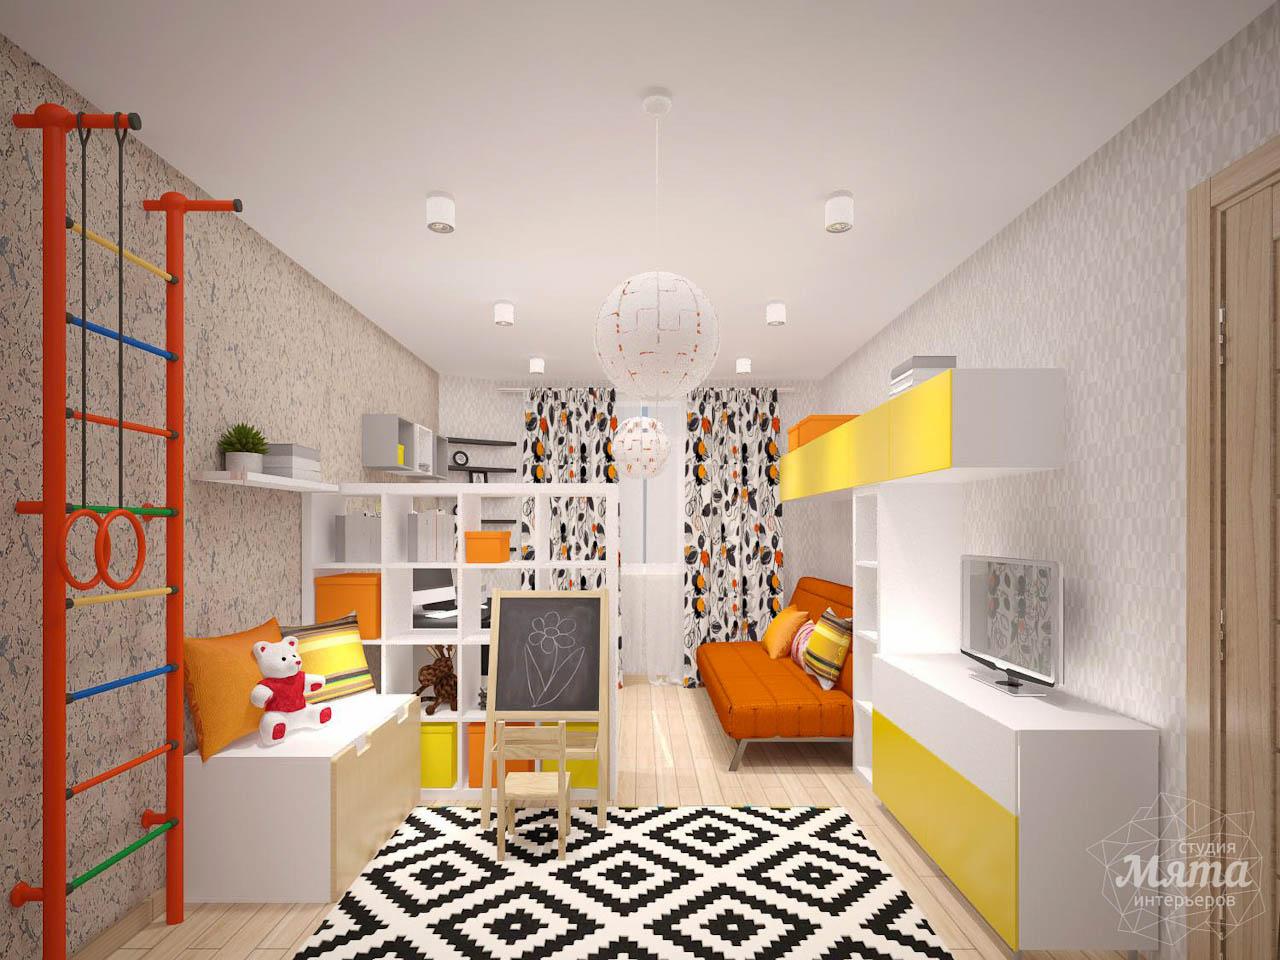 Дизайн интерьера однокомнатной квартиры в современном стиле по ул. Агрономическая 47 img1238068070